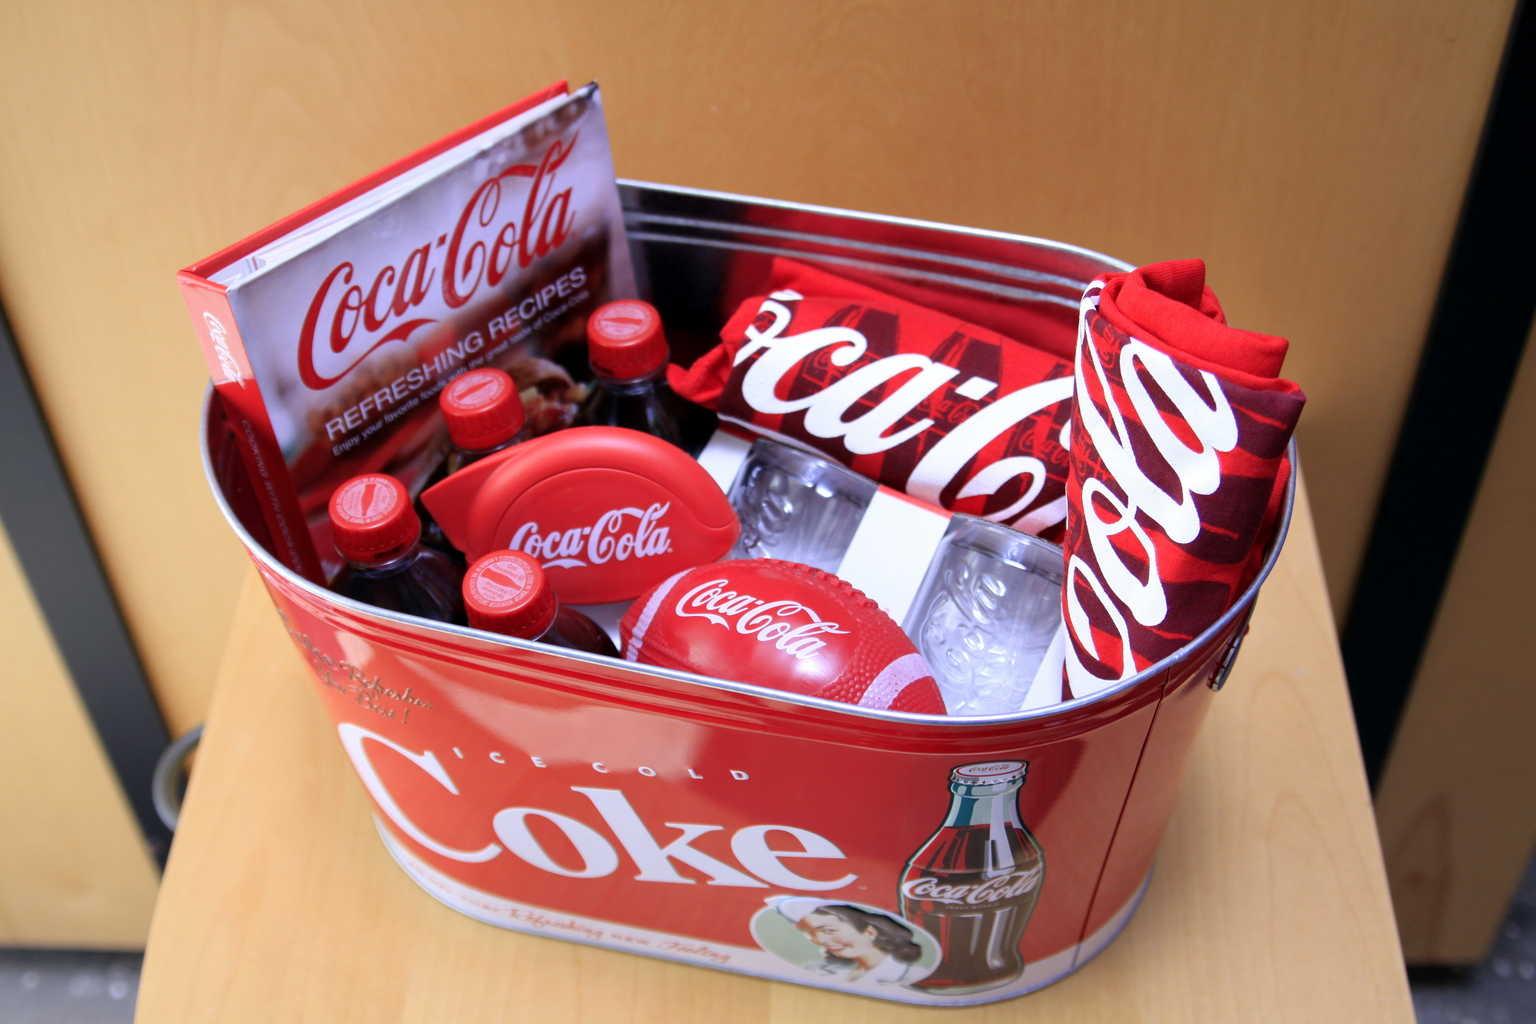 Coca Cola Super Bowl Giveaway $100 value